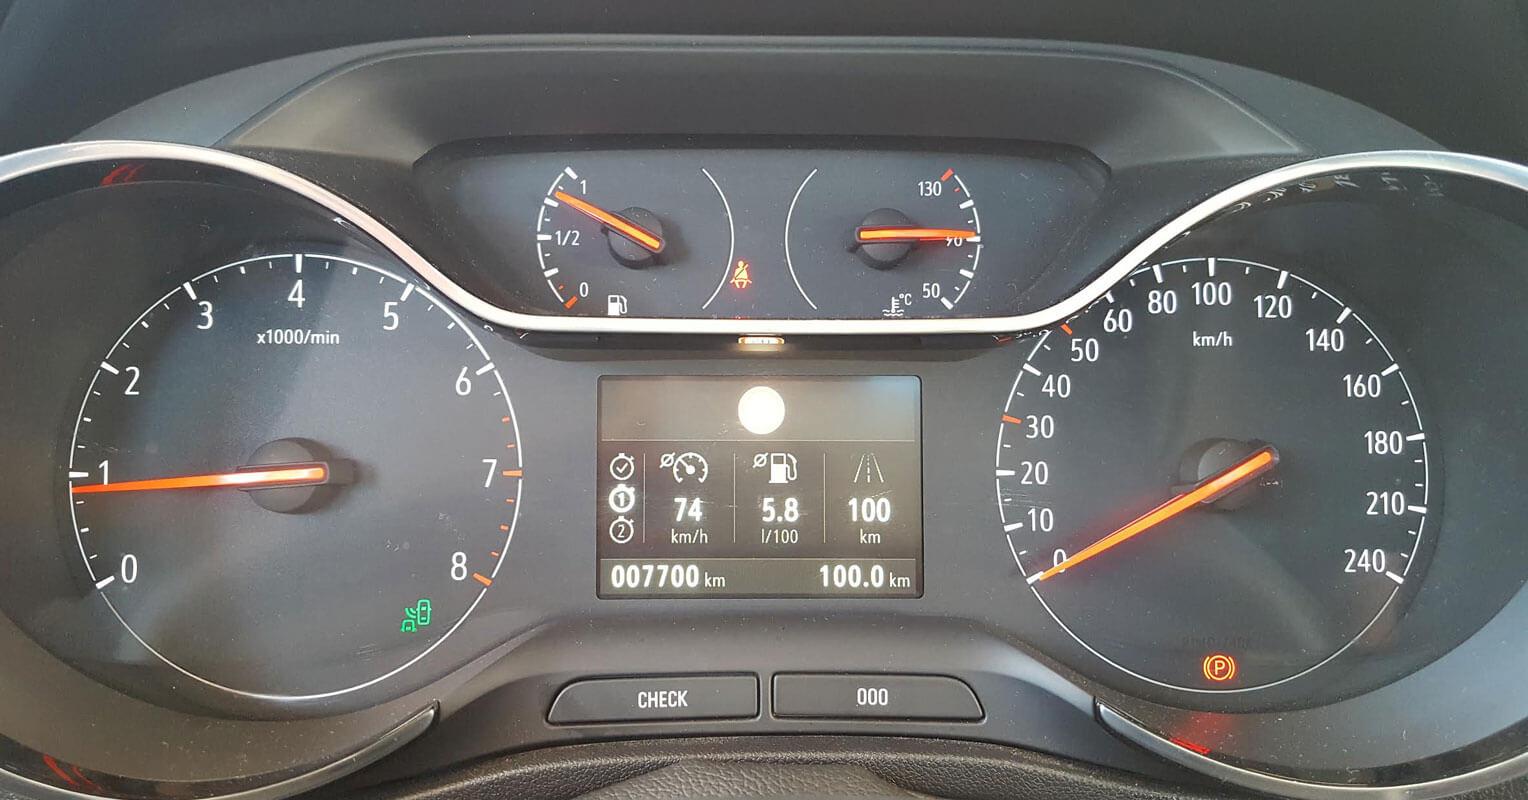 Velocímetro Opel